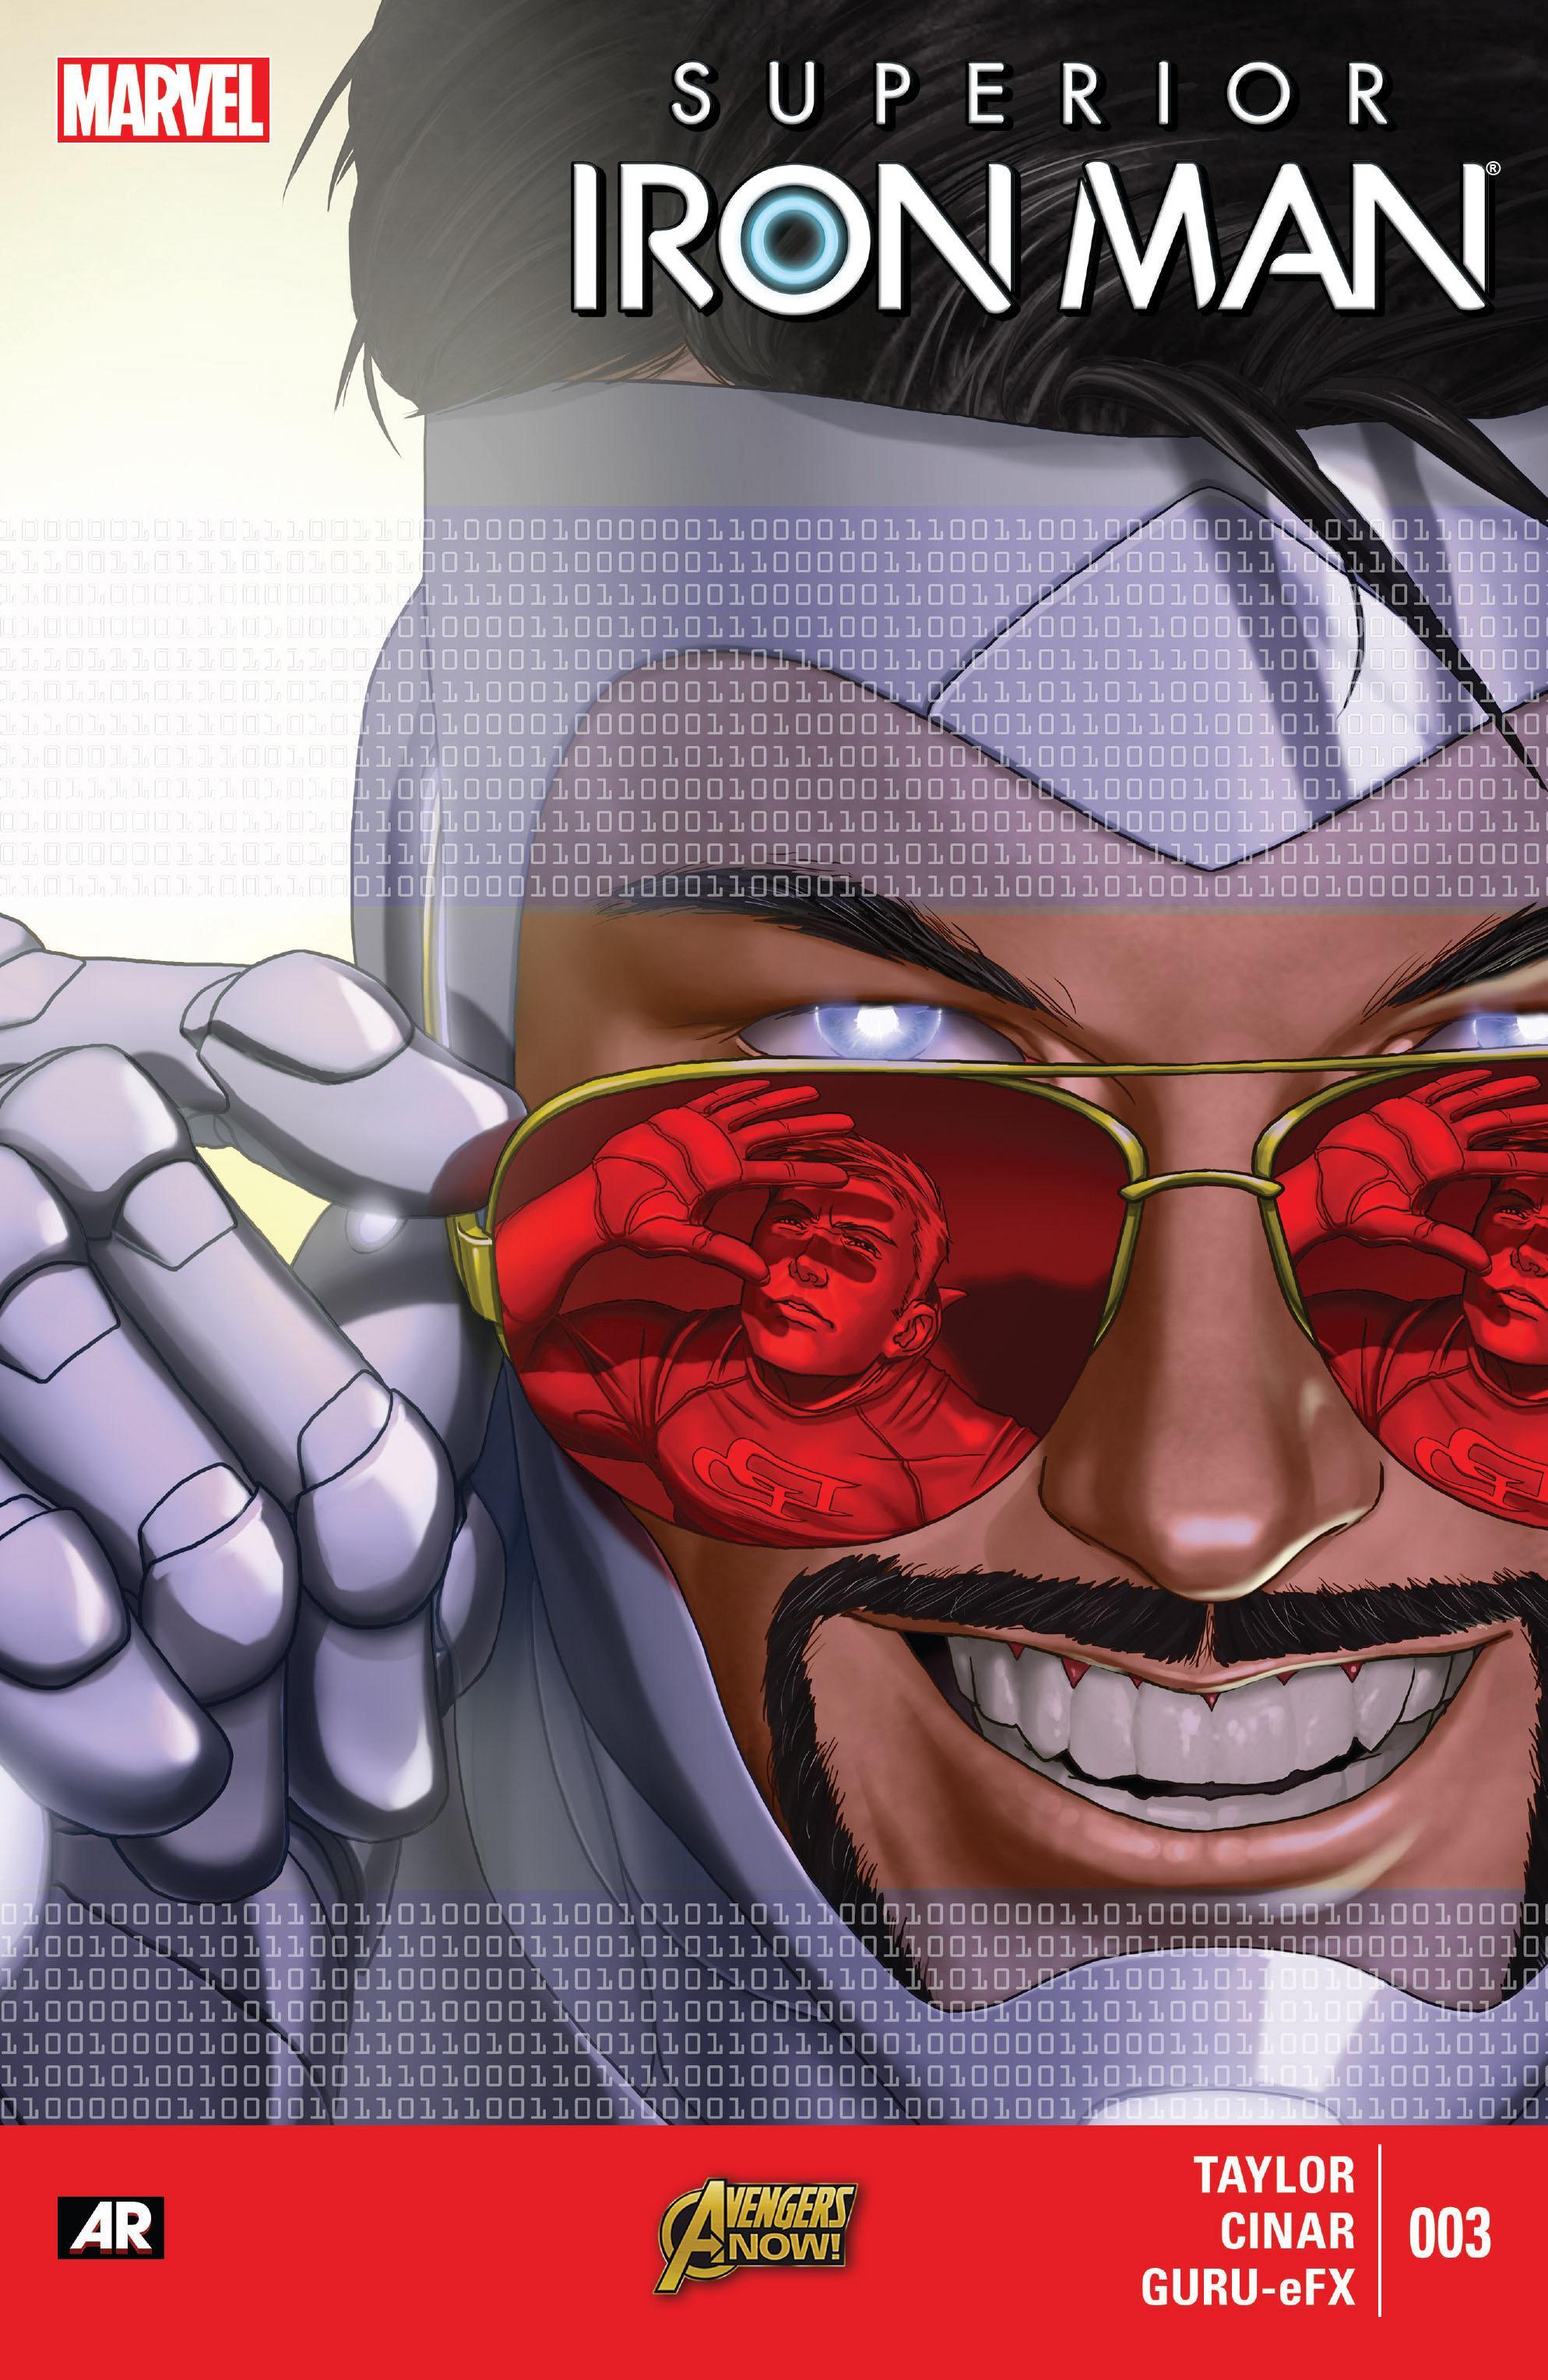 Superior Iron Man Vol 1 No 5 Apr 2015 SCAN Comic eBook